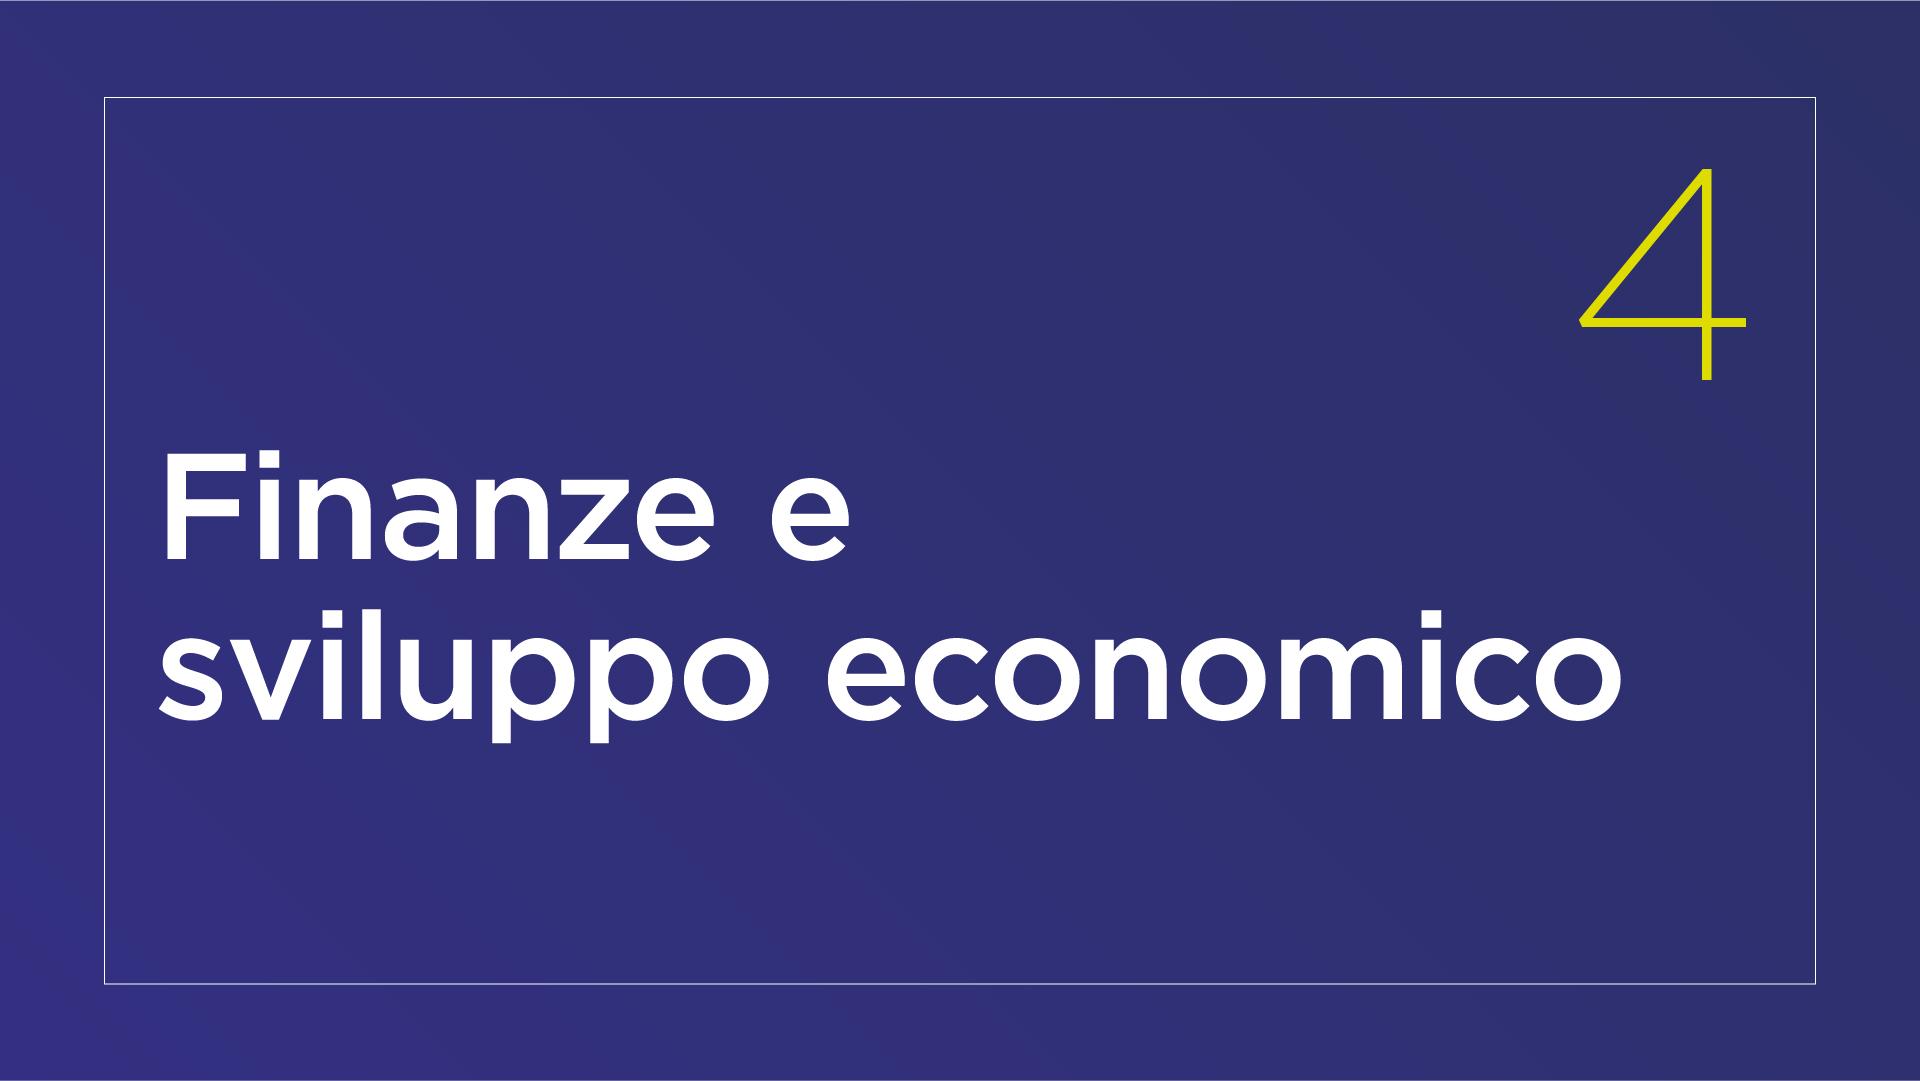 Finanze e sviluppo economico